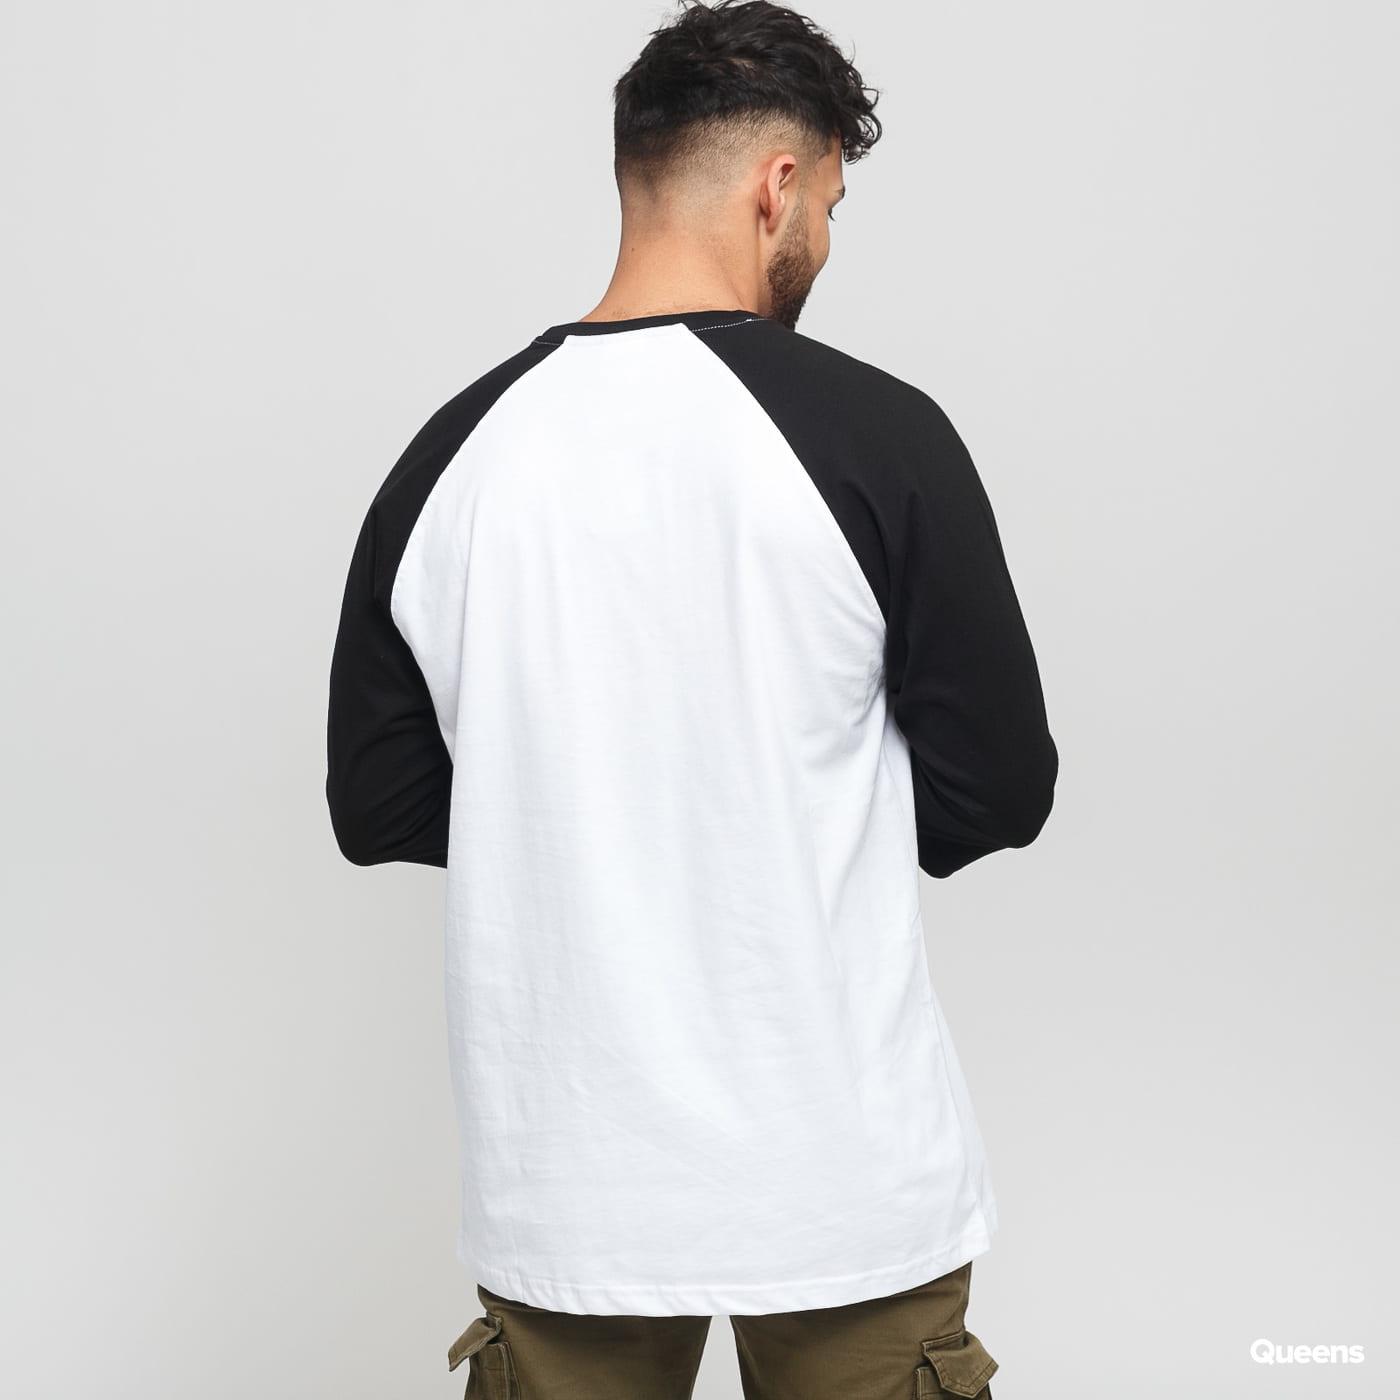 Urban Classics Contrast 3/4 Sleeve Raglan biele / čierne